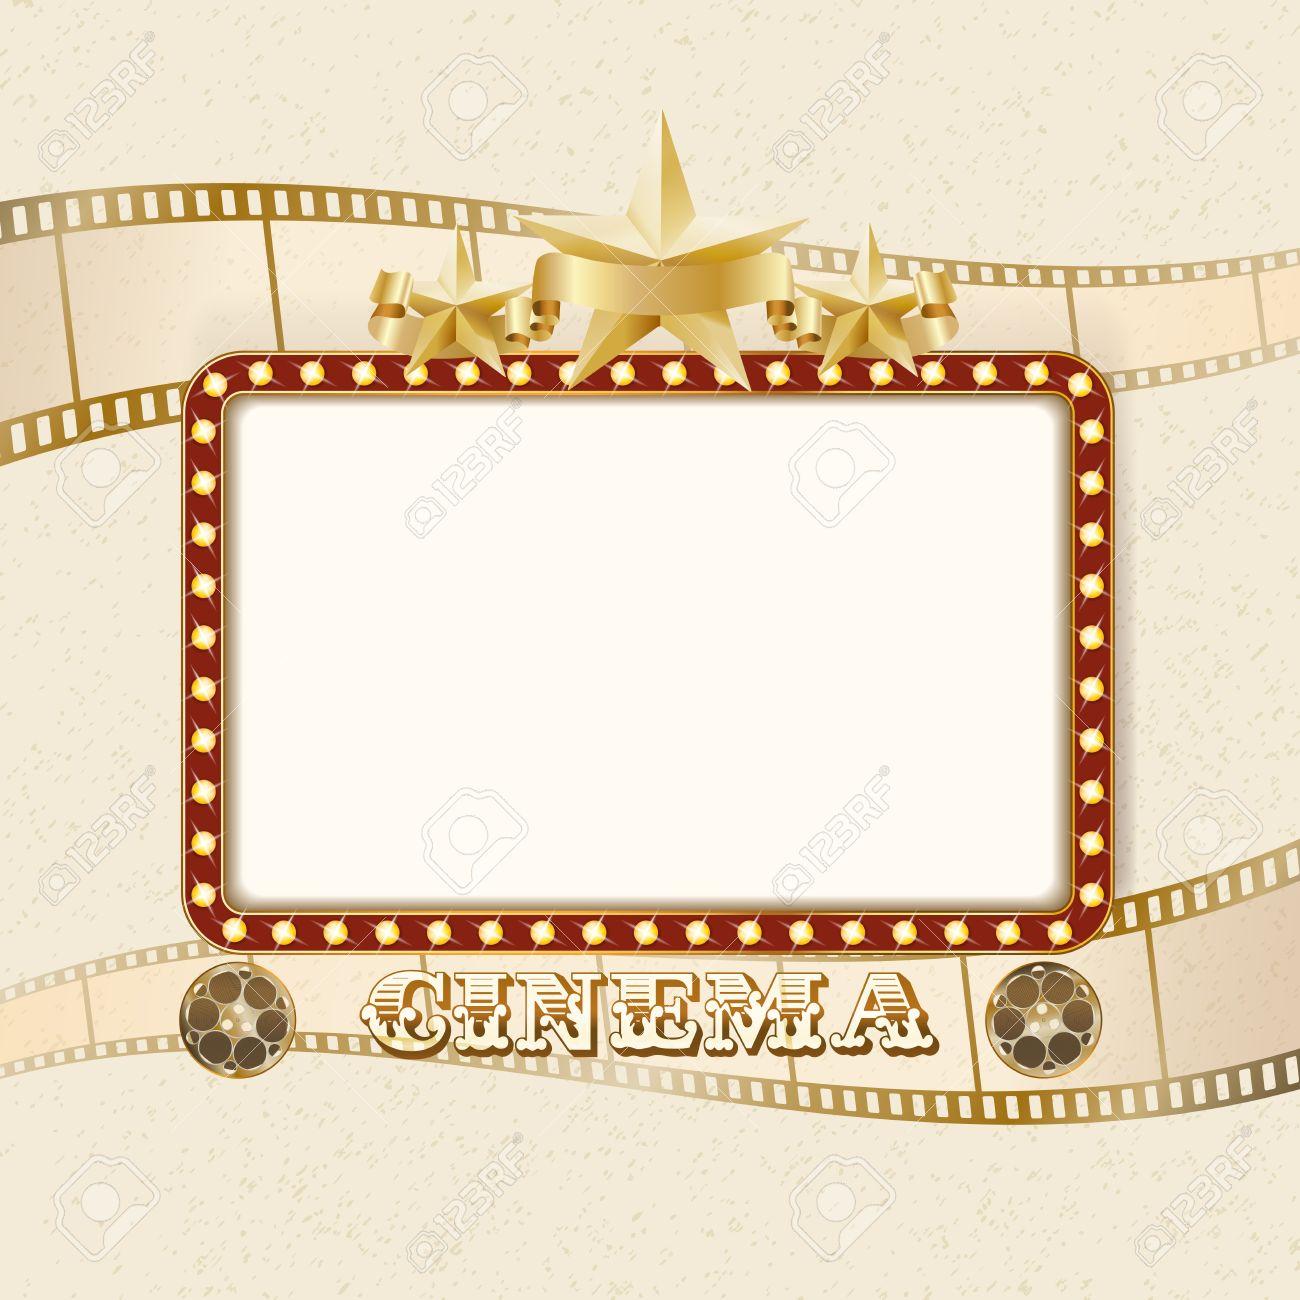 Luminoso Bandera Cine Luz. Marco De Cine Retro Con Luces, Estrellas ...